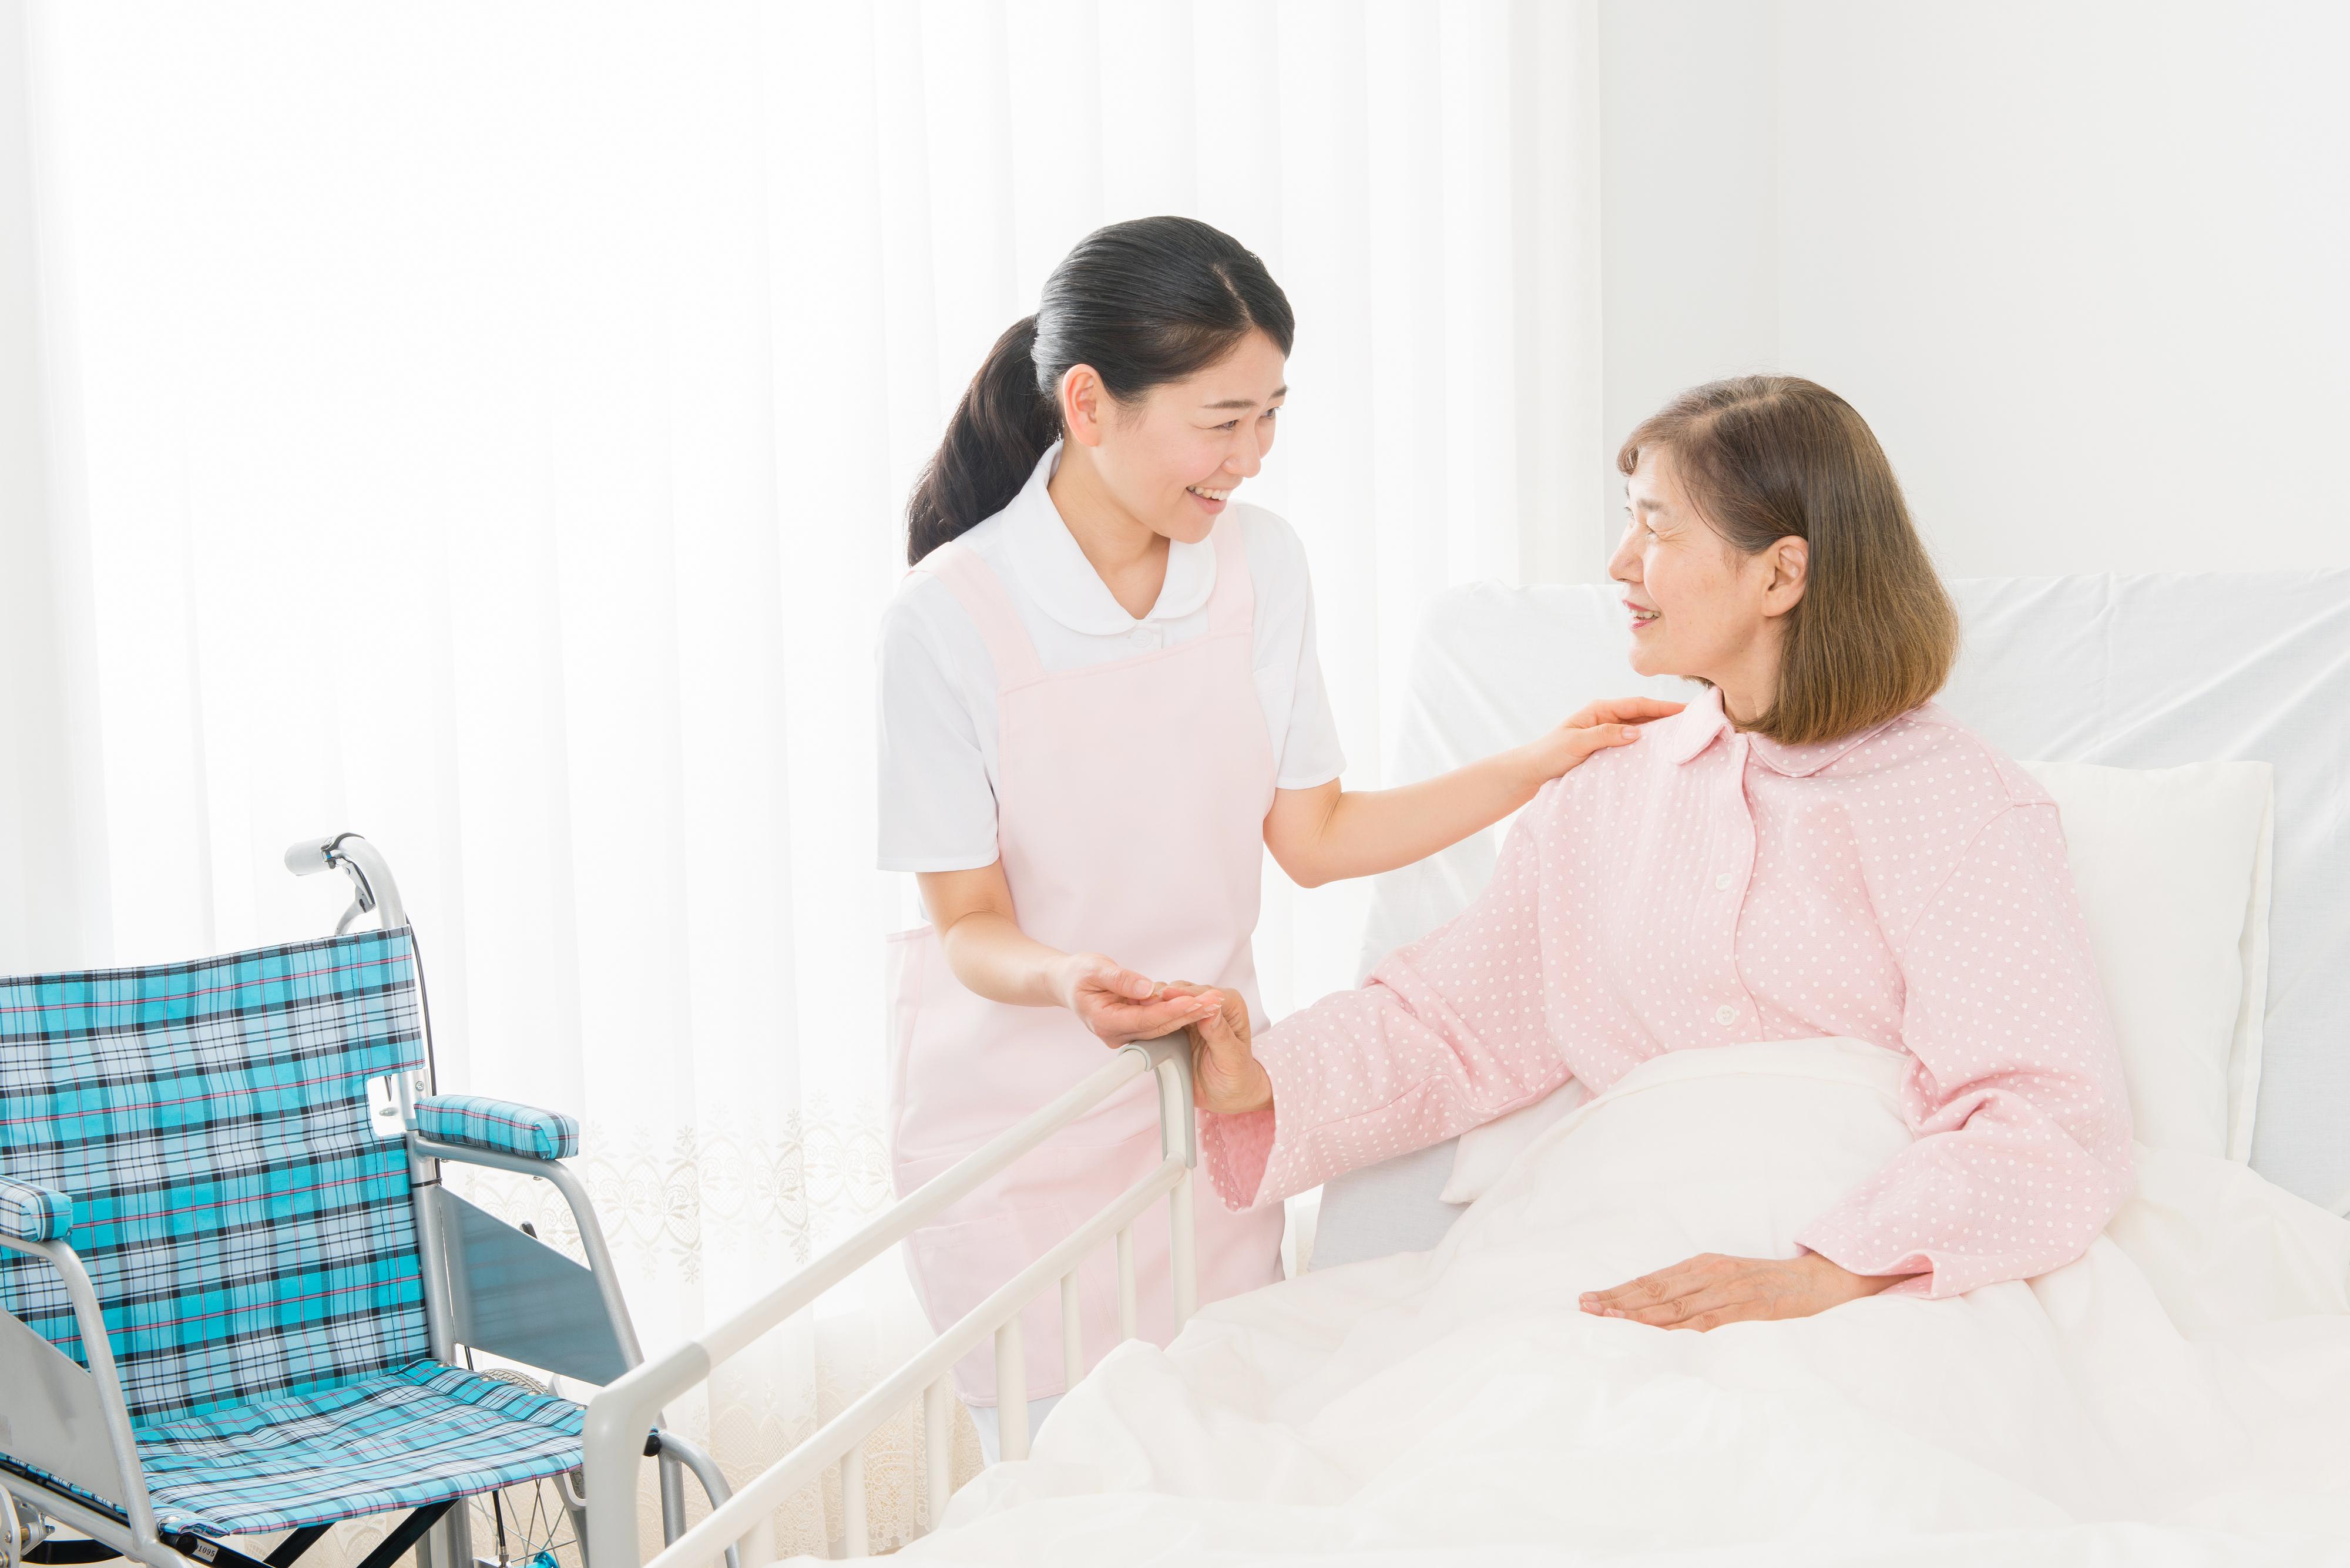 高齢化社会に向けて介護福祉を知る